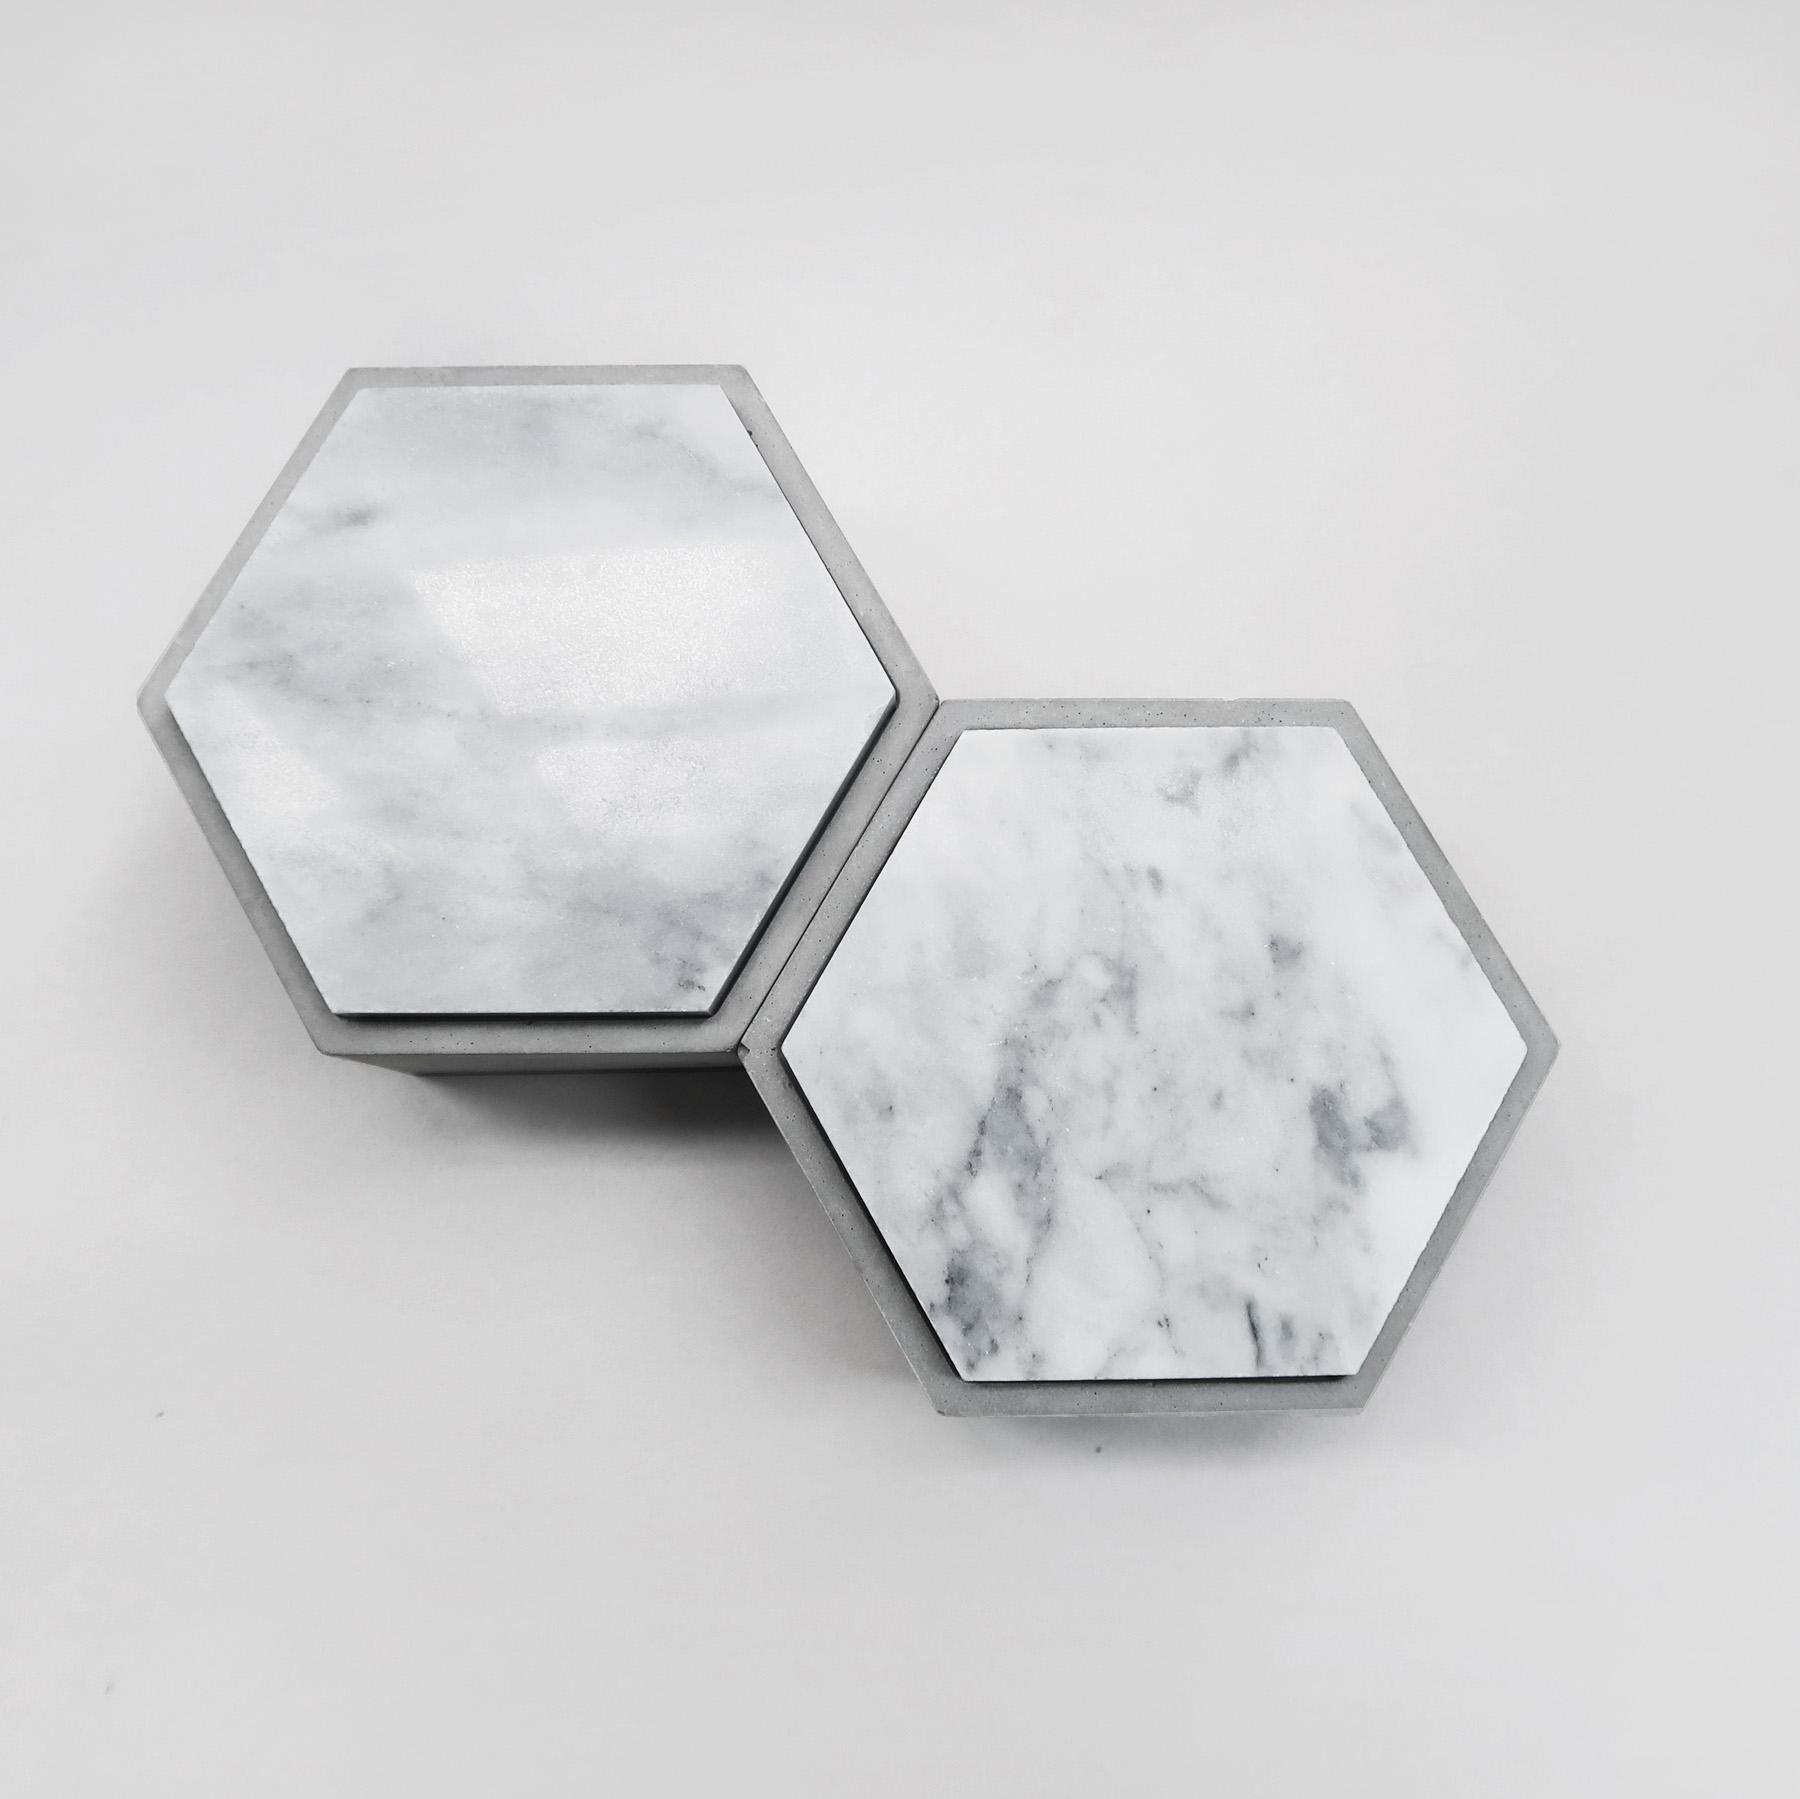 Concrete Design 雲岩六角大理石蓋水泥收納容器・飾品盒・煙灰缸